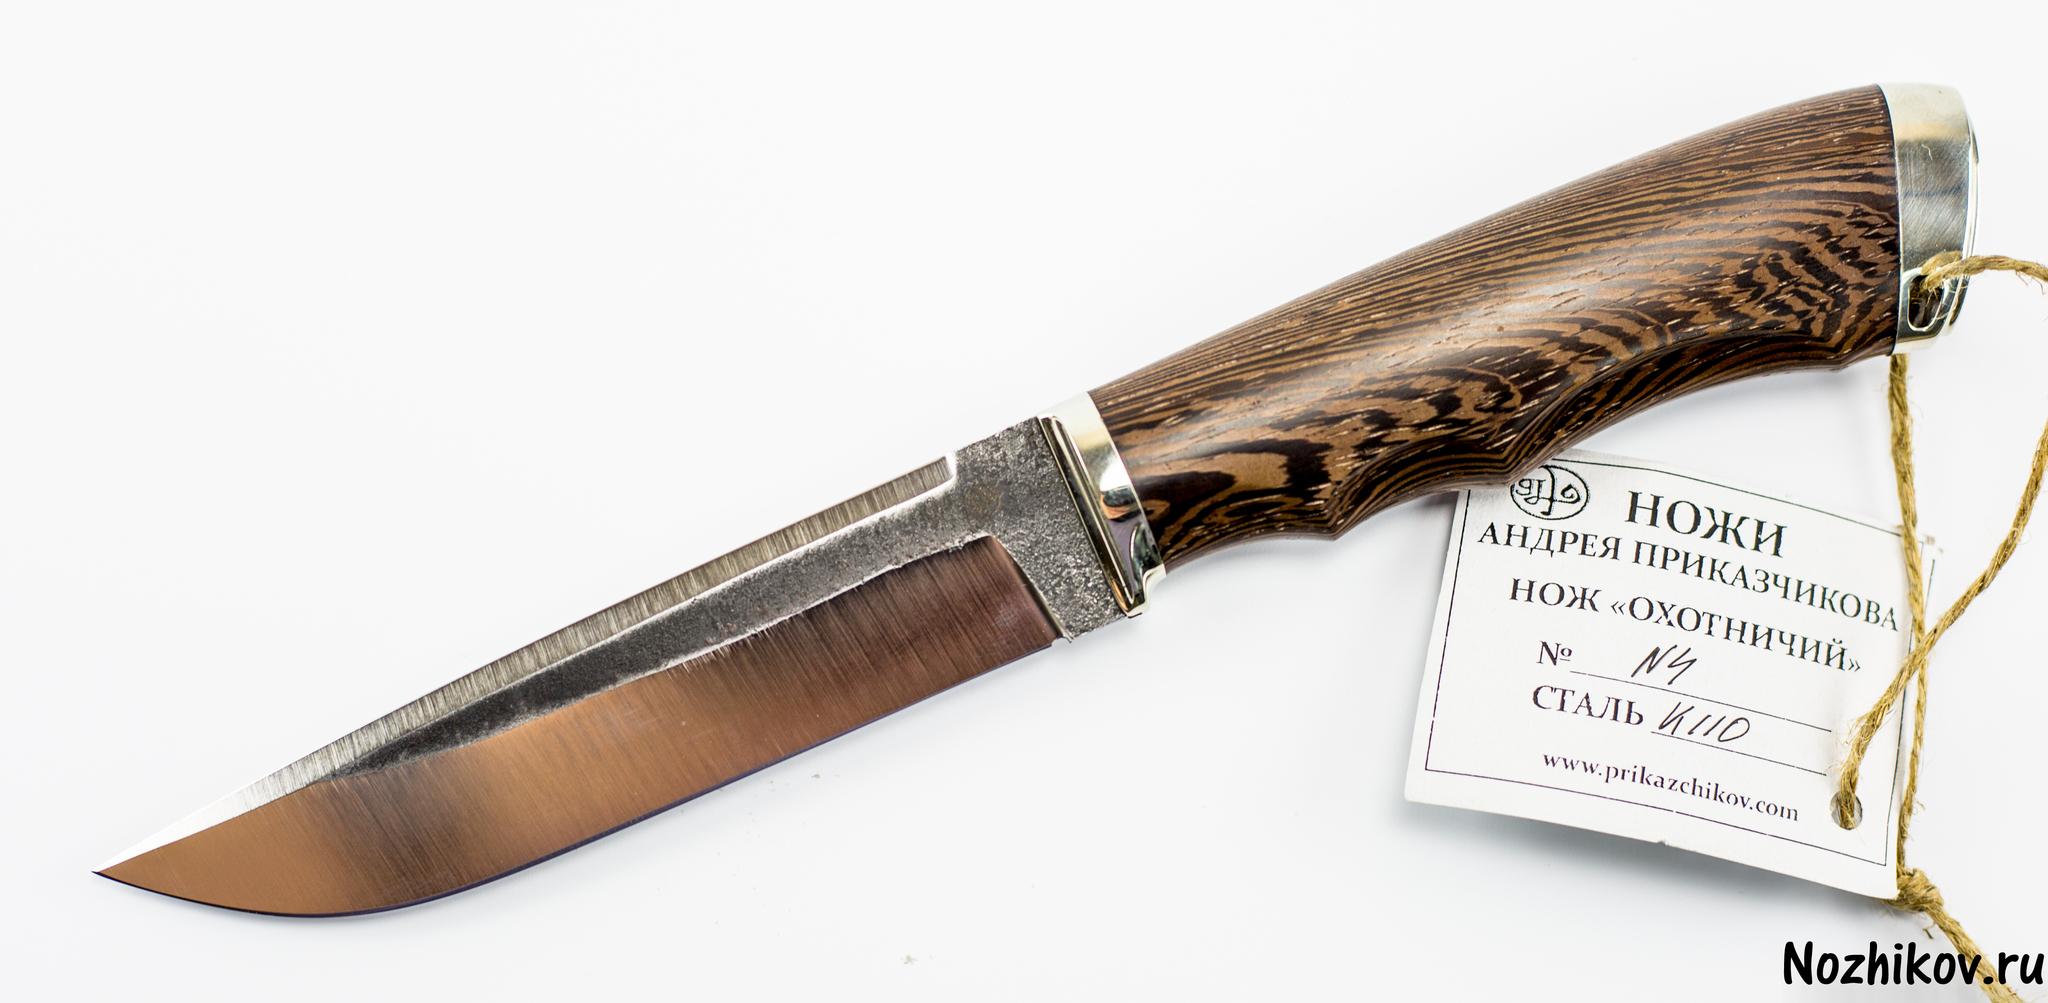 Нож Рабочий №4 из K110, от ПриказчиковаНожи Павлово<br><br>